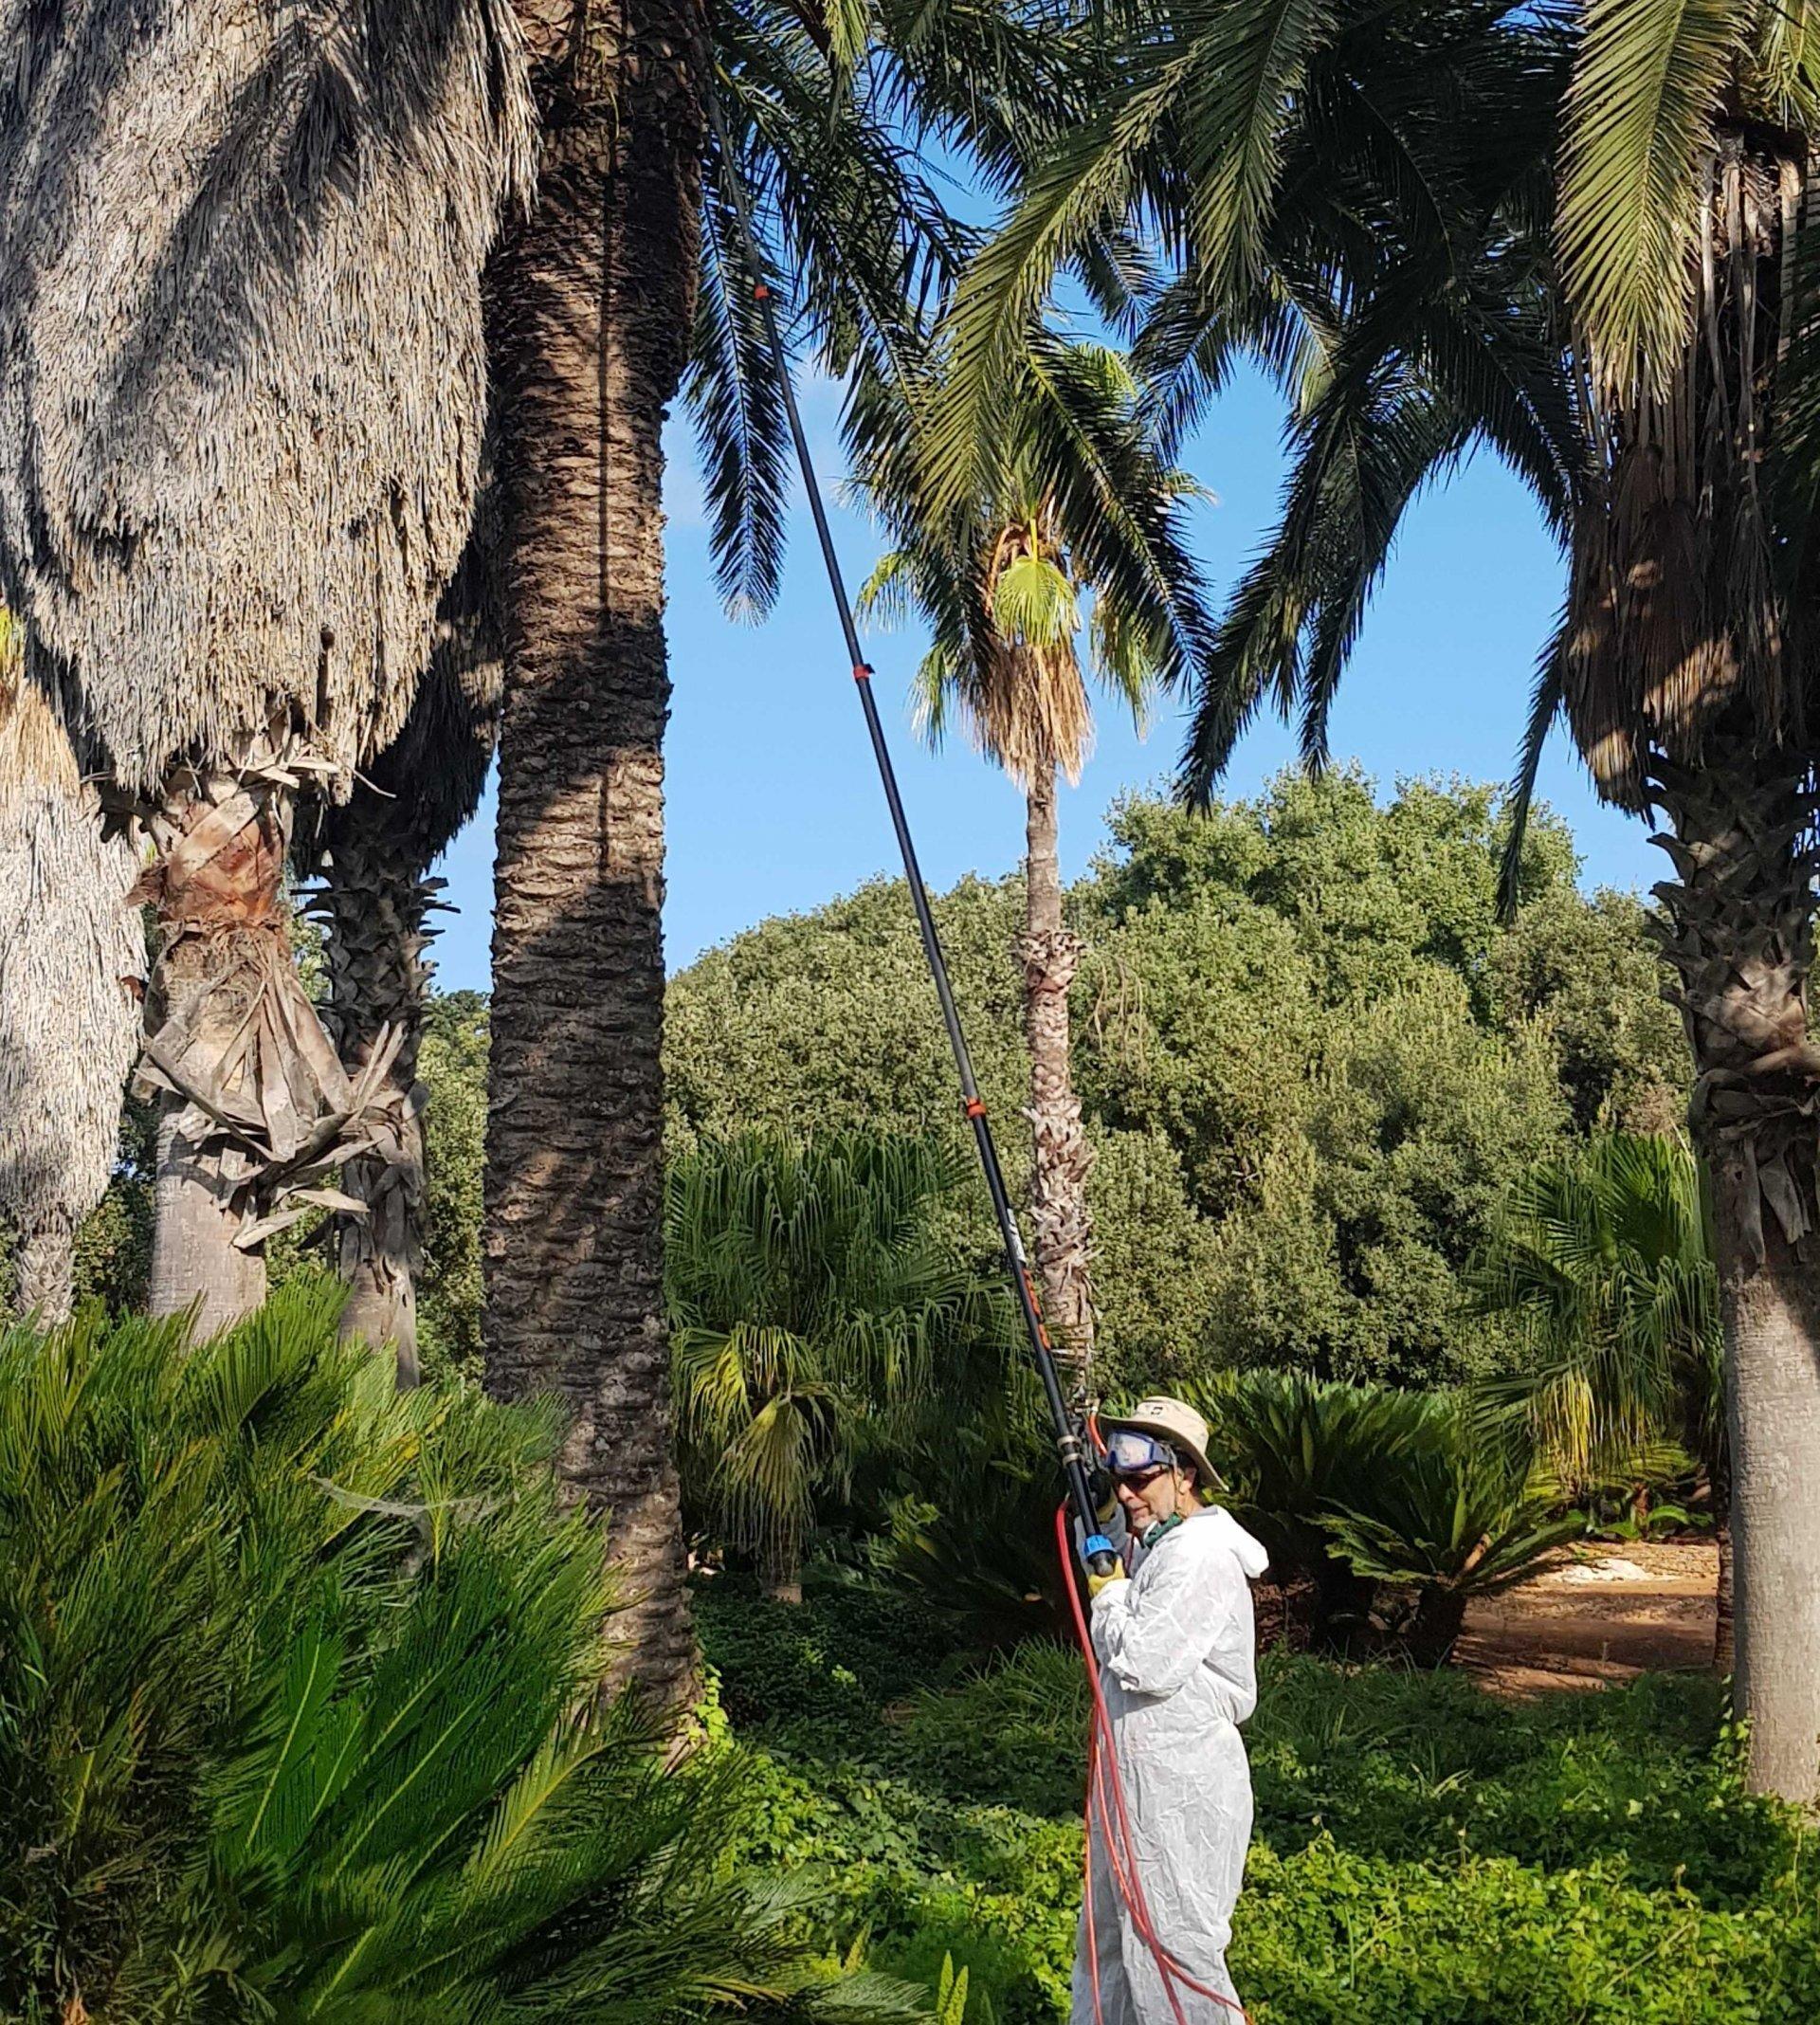 palm-treatment2-e1592127204877-aspect-ratio-x